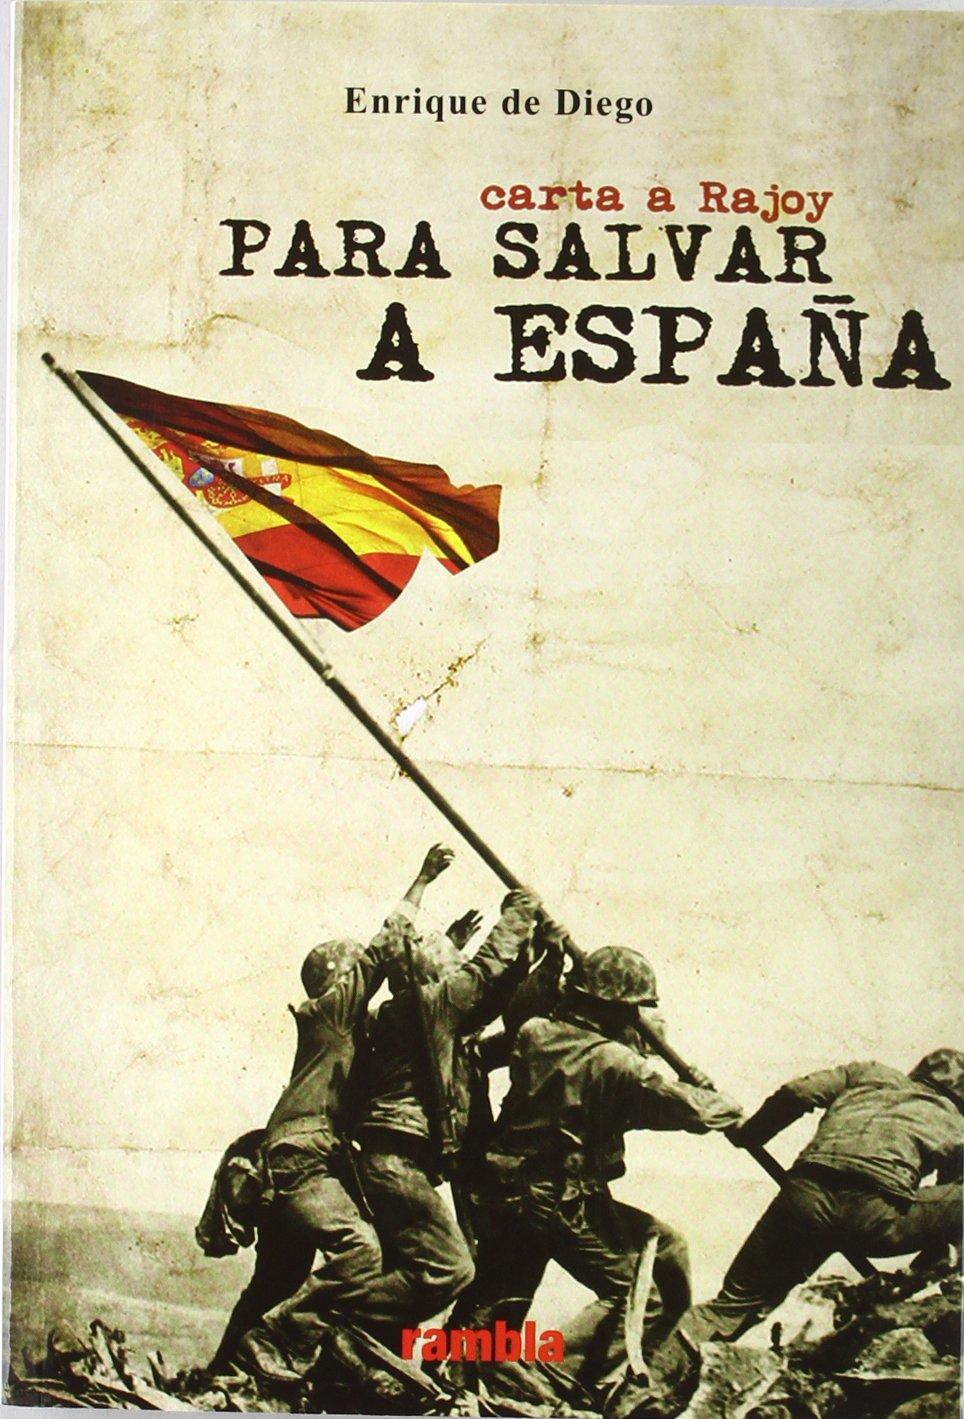 Carta a rajoy para salvar a España: Amazon.es: Diego, Enrique De.: Libros